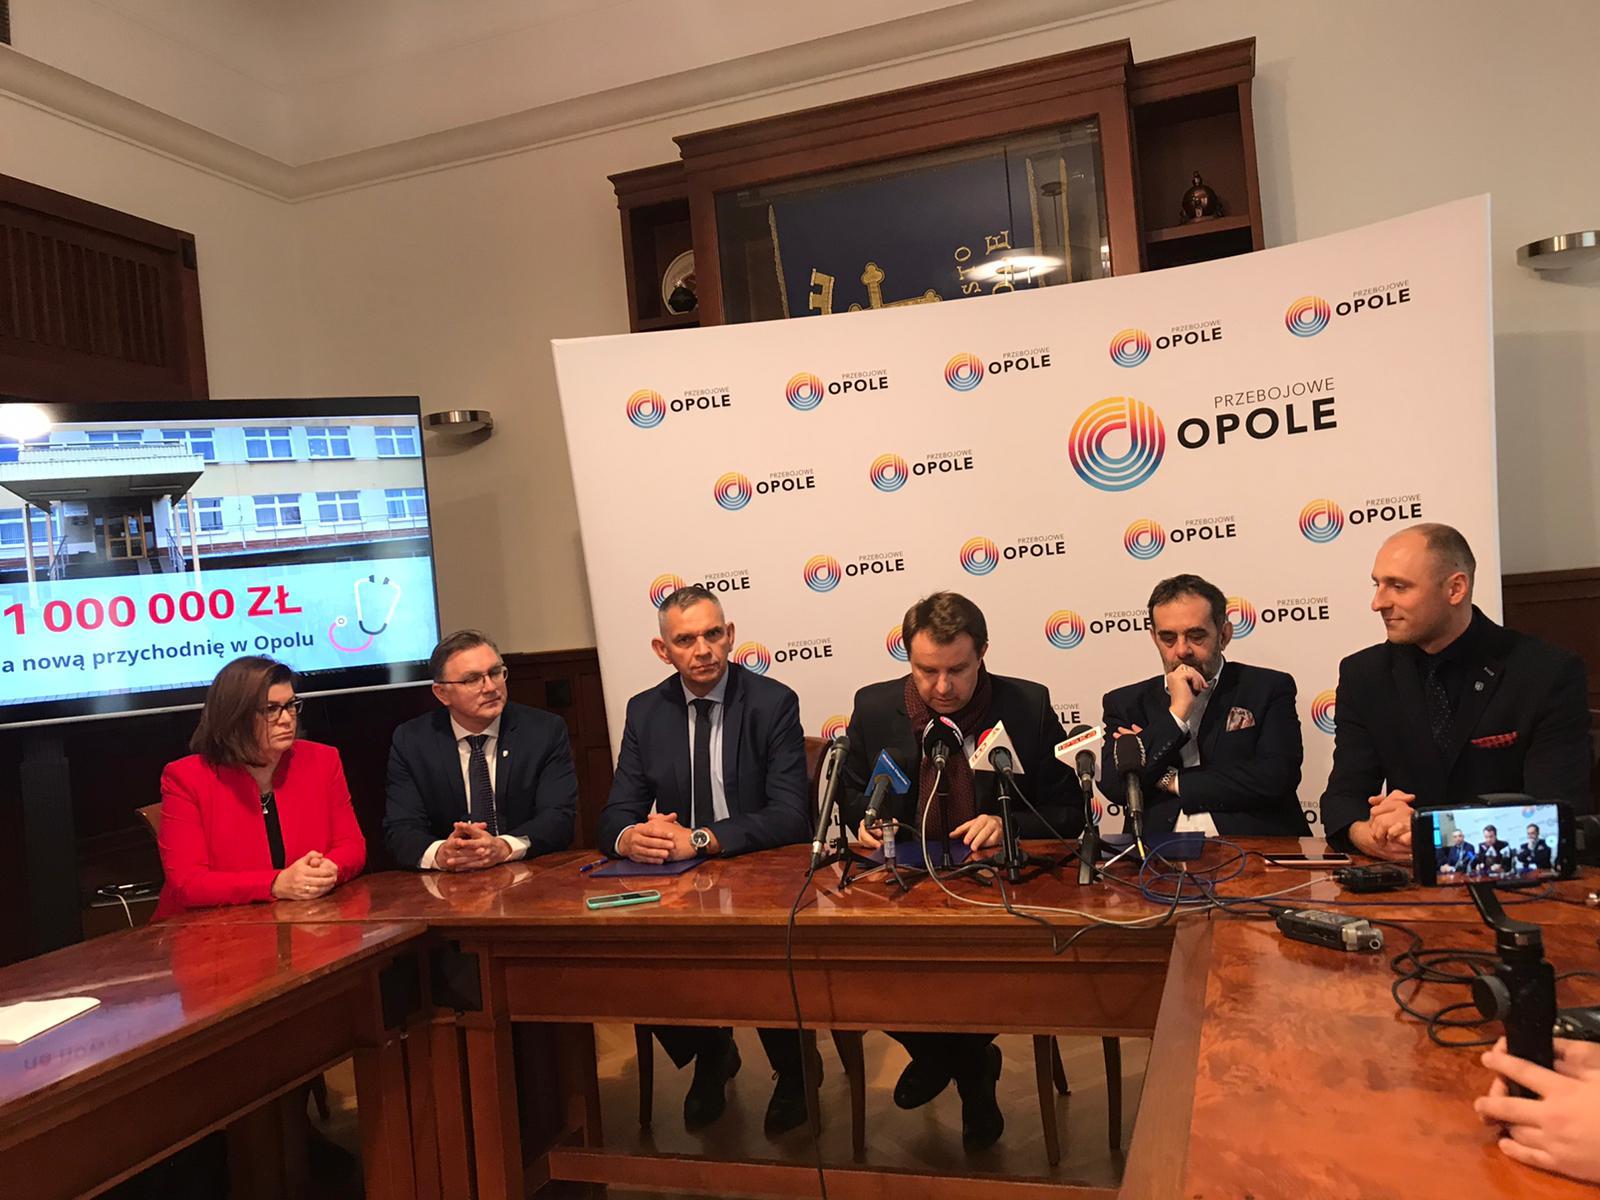 Powstanie nowa przychodnia w Opolu. Umożliwi pacjentowi szybki dostęp do usługi medycznej